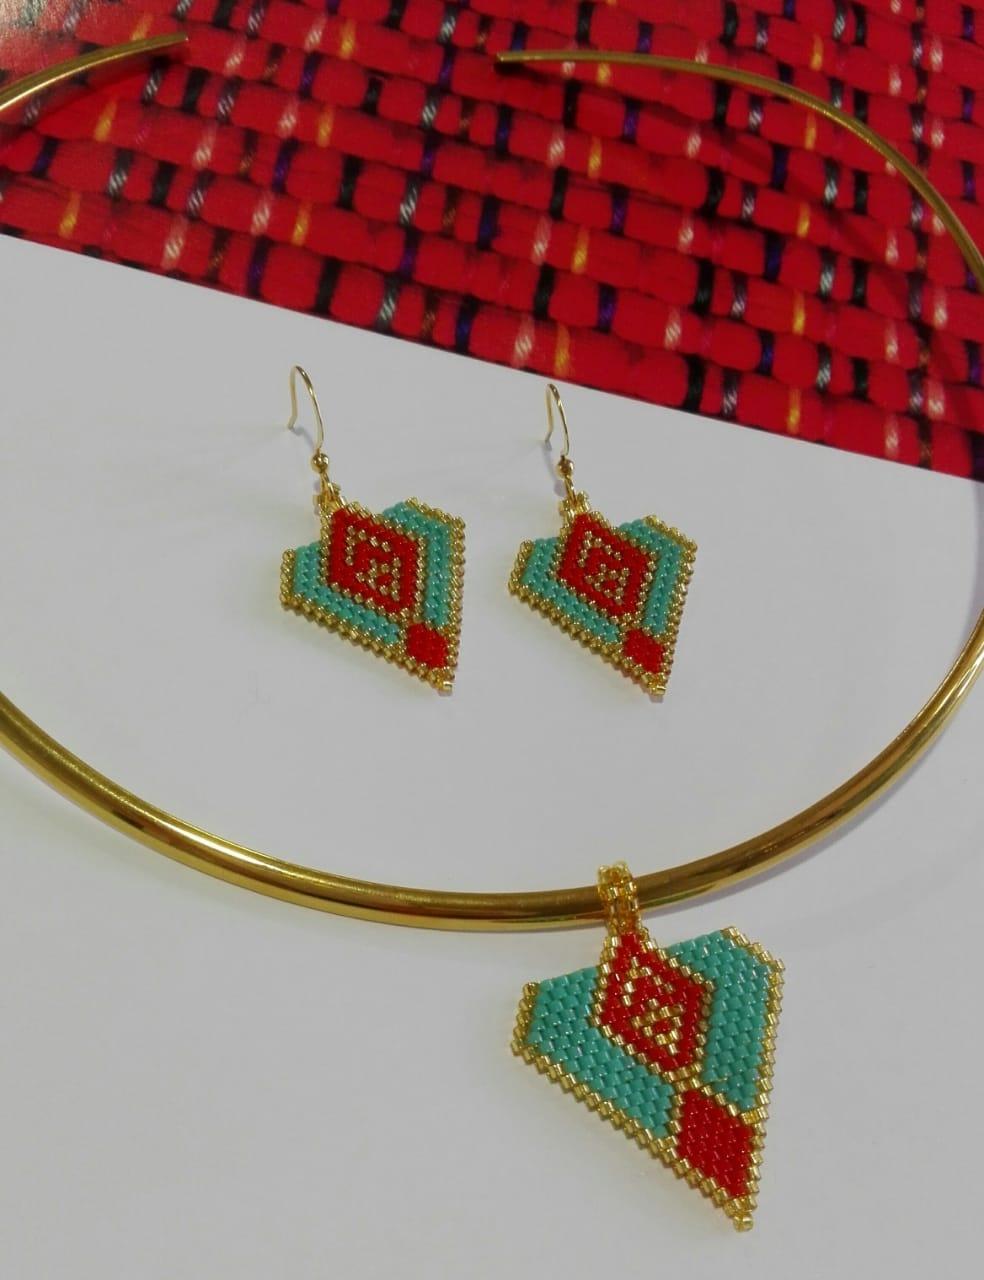 7fca8280cb0f Juego Collar y Aretes Gargantilla Miyuki Rojo y Azul - Bazar Artesanal